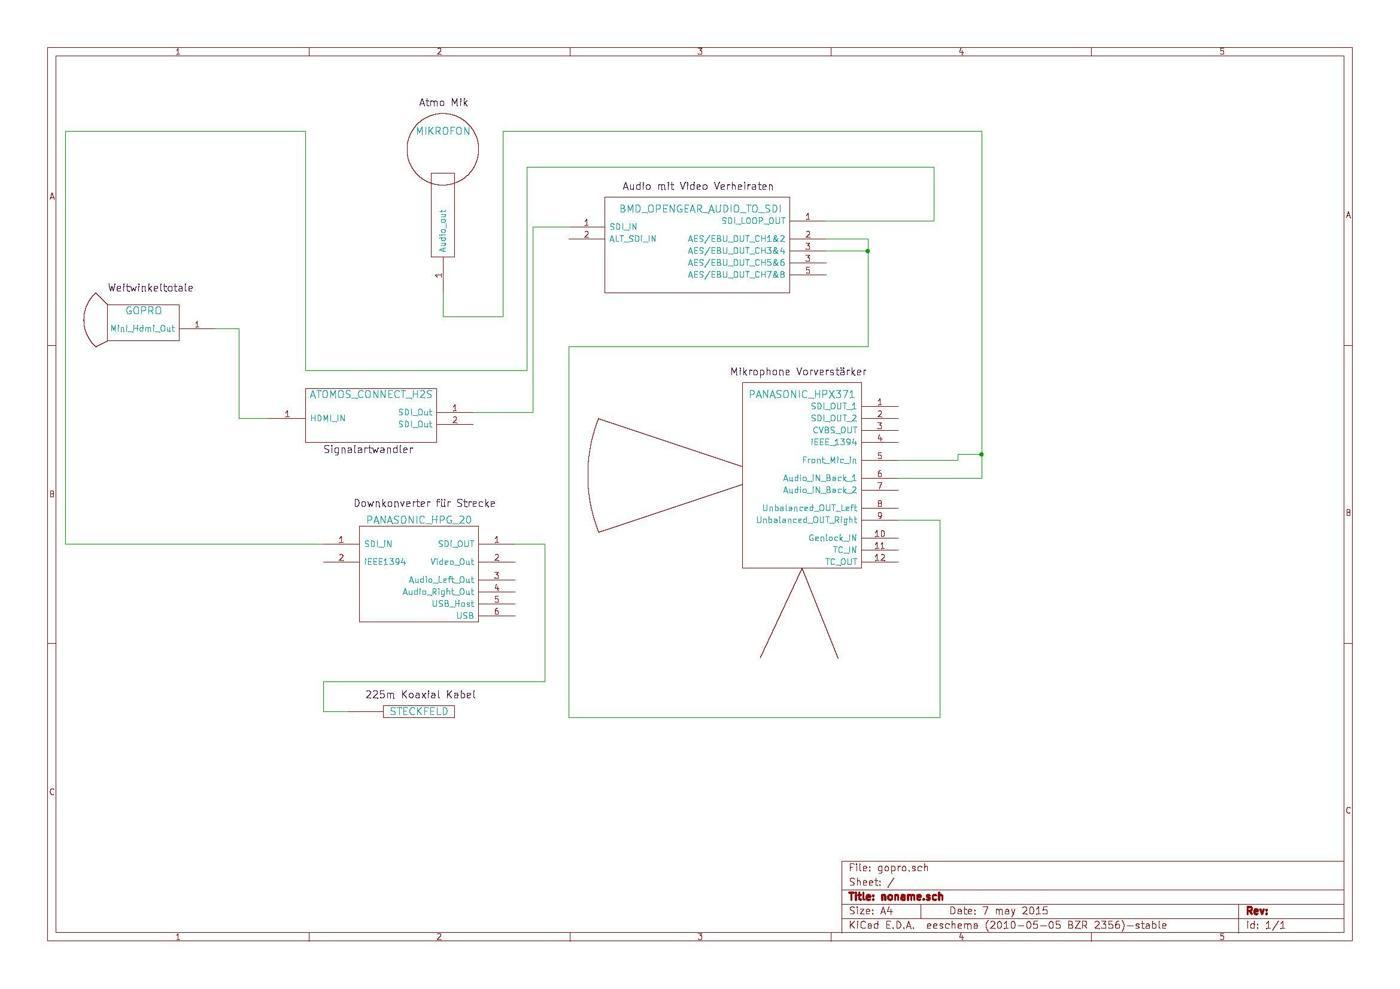 Webseite Der Forschungsgemeinschaft Elektronische Medien Ev News Genlock Wiring Diagram Zurck